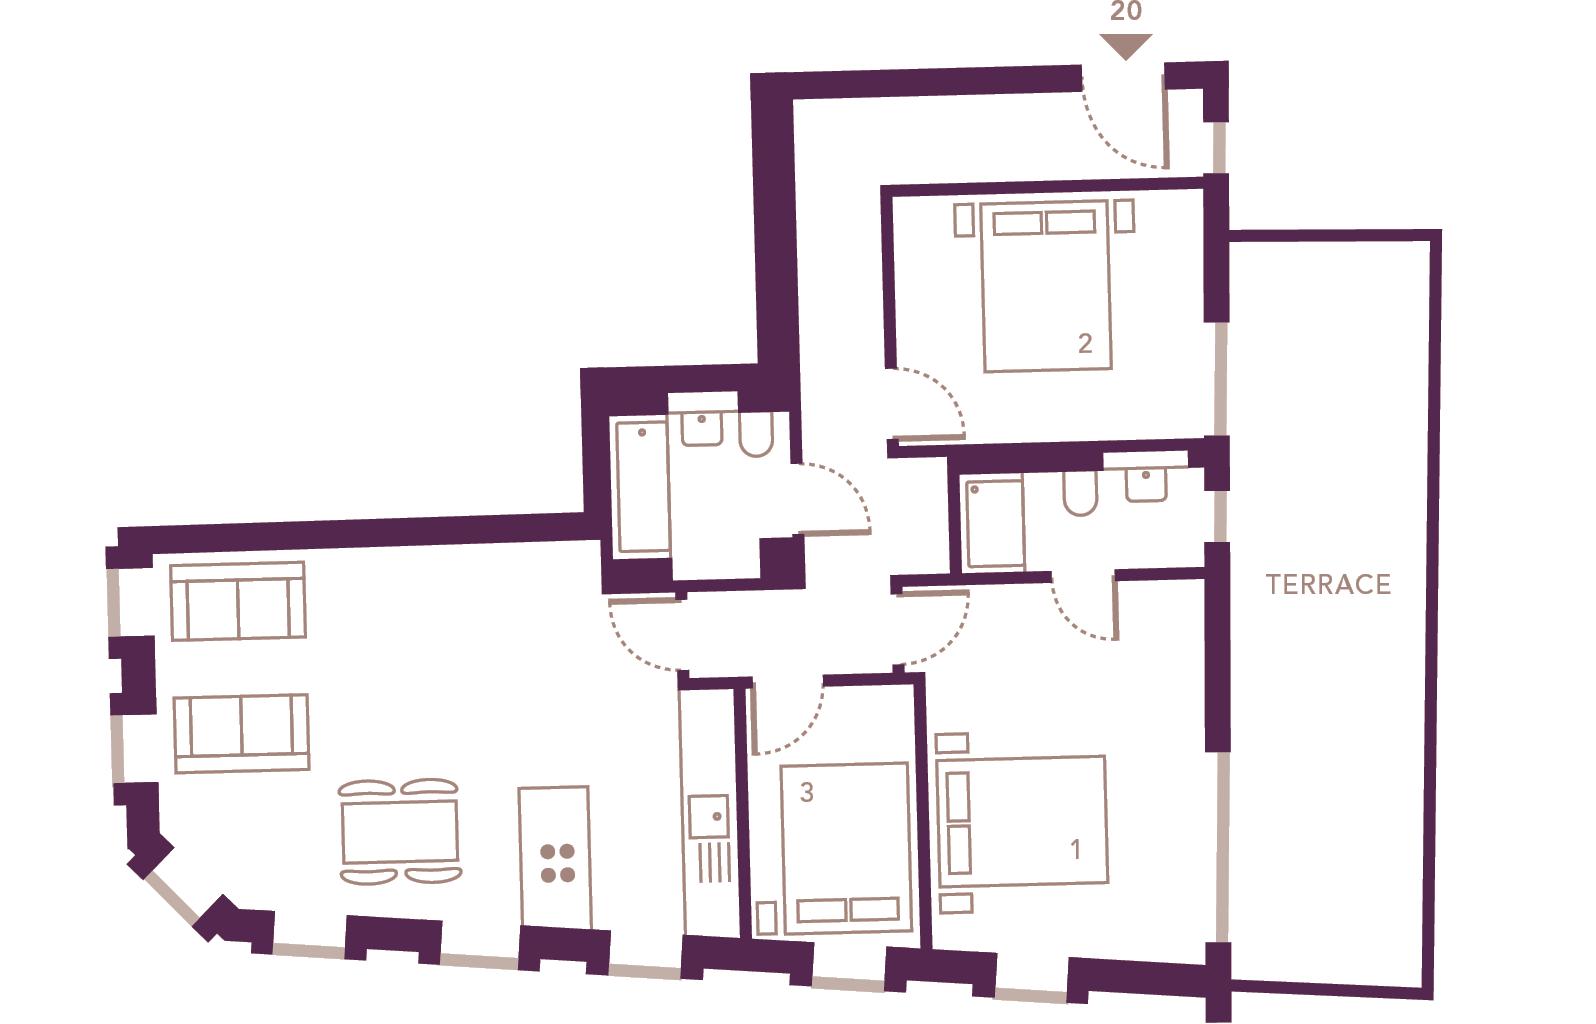 Apartment 20